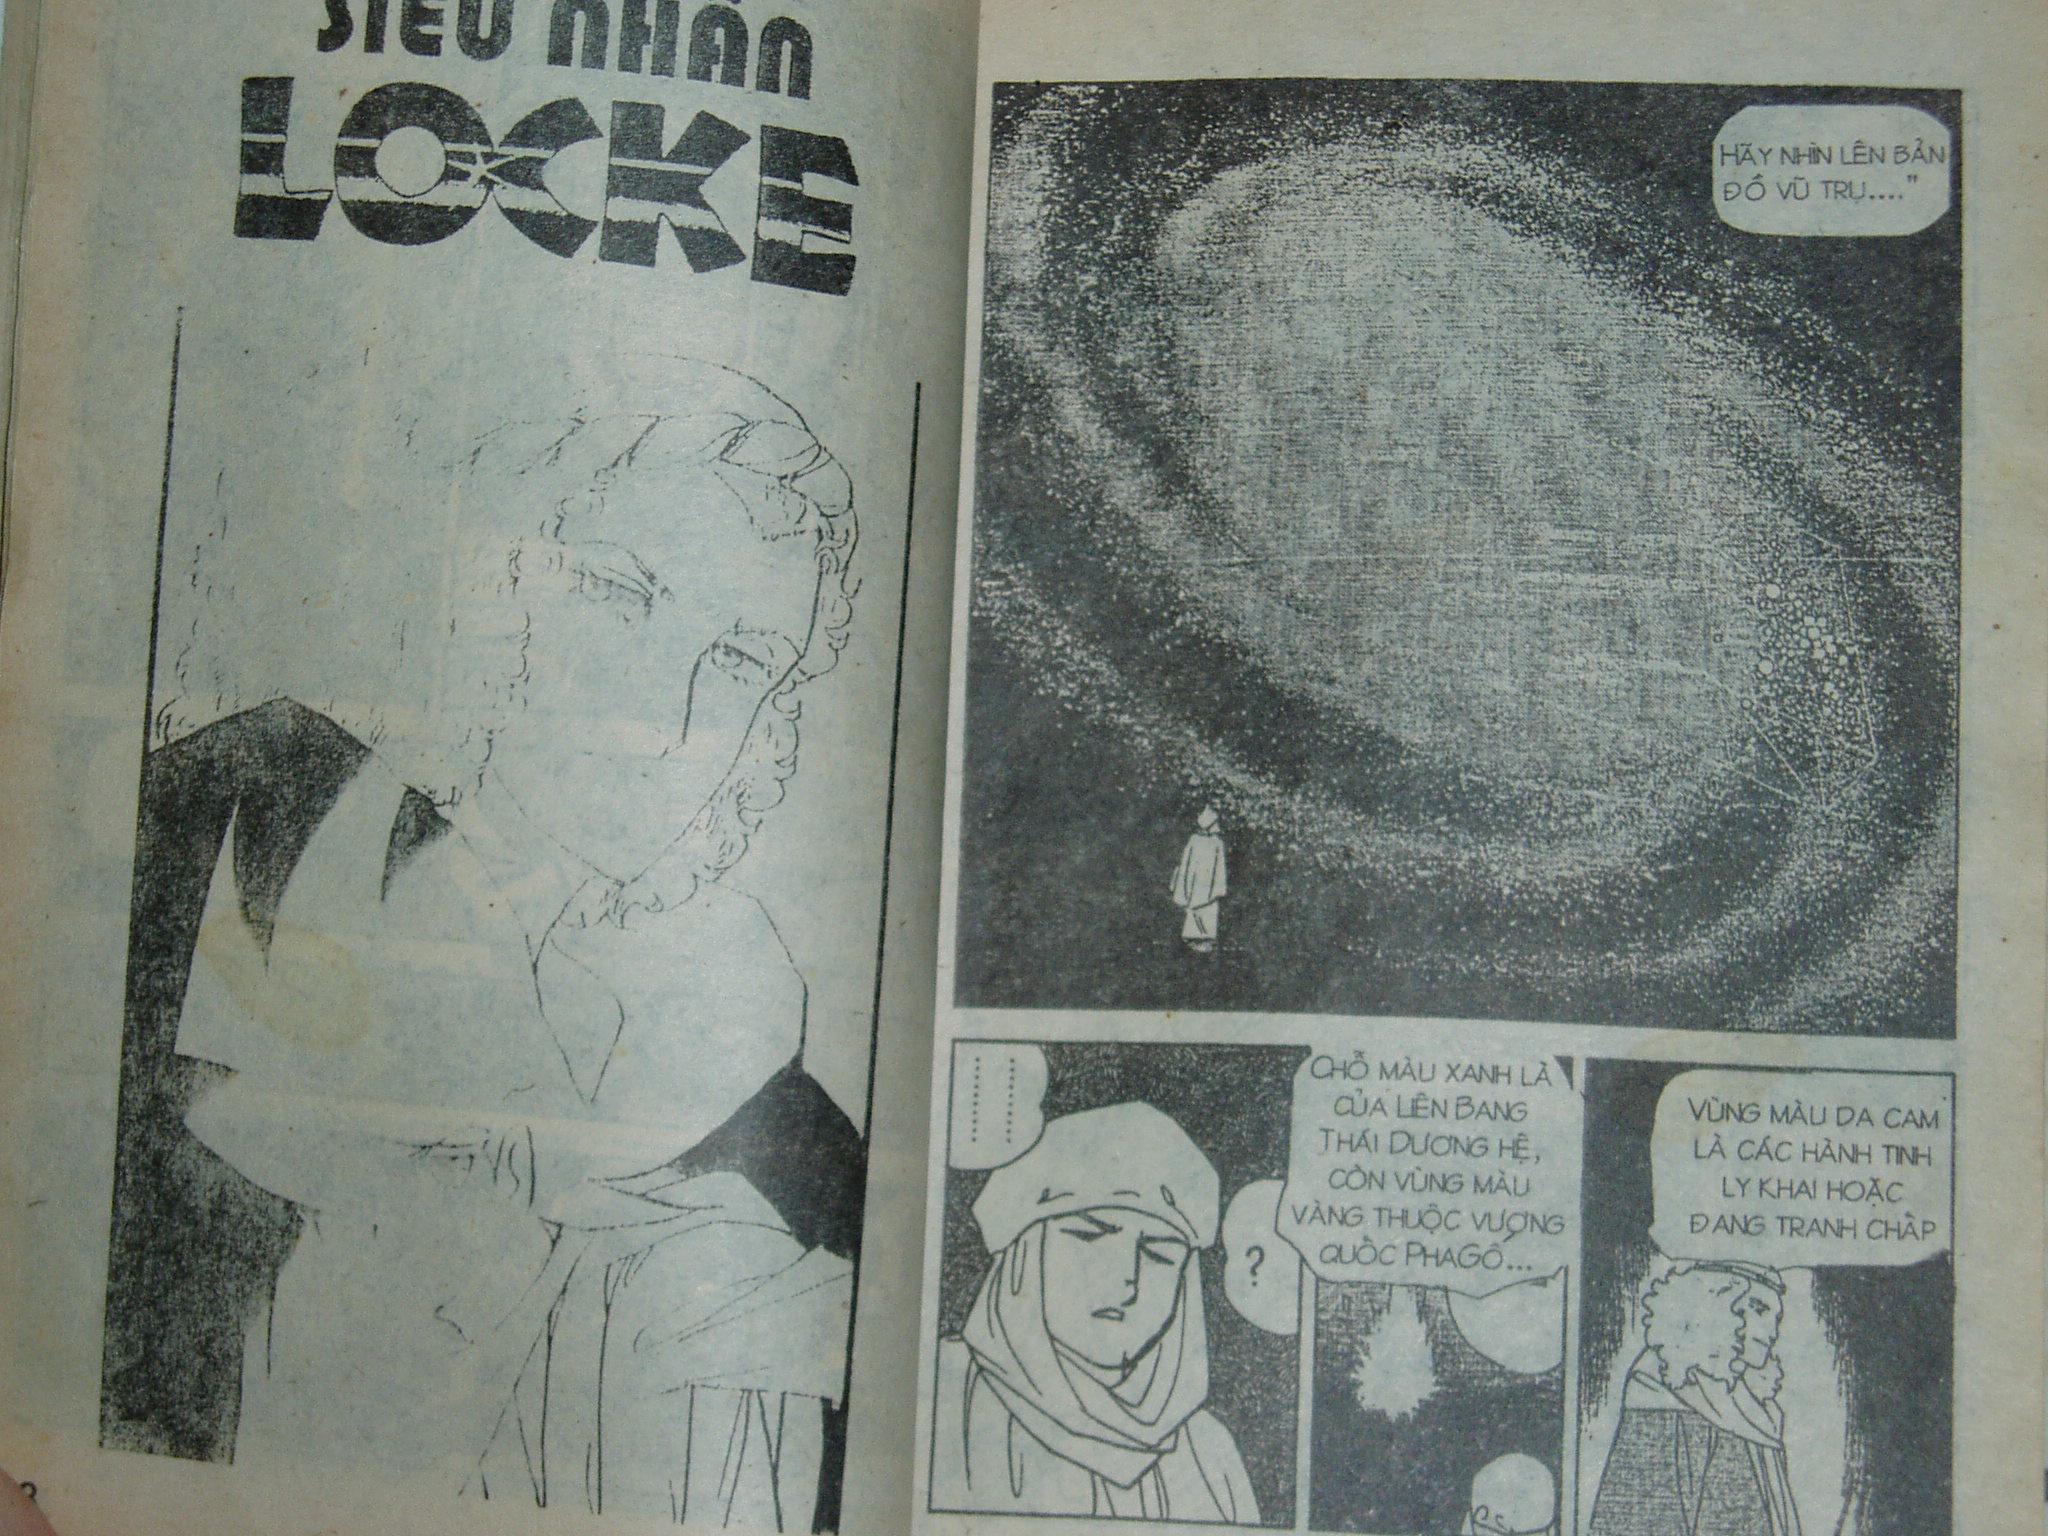 Siêu nhân Locke vol 17 trang 18